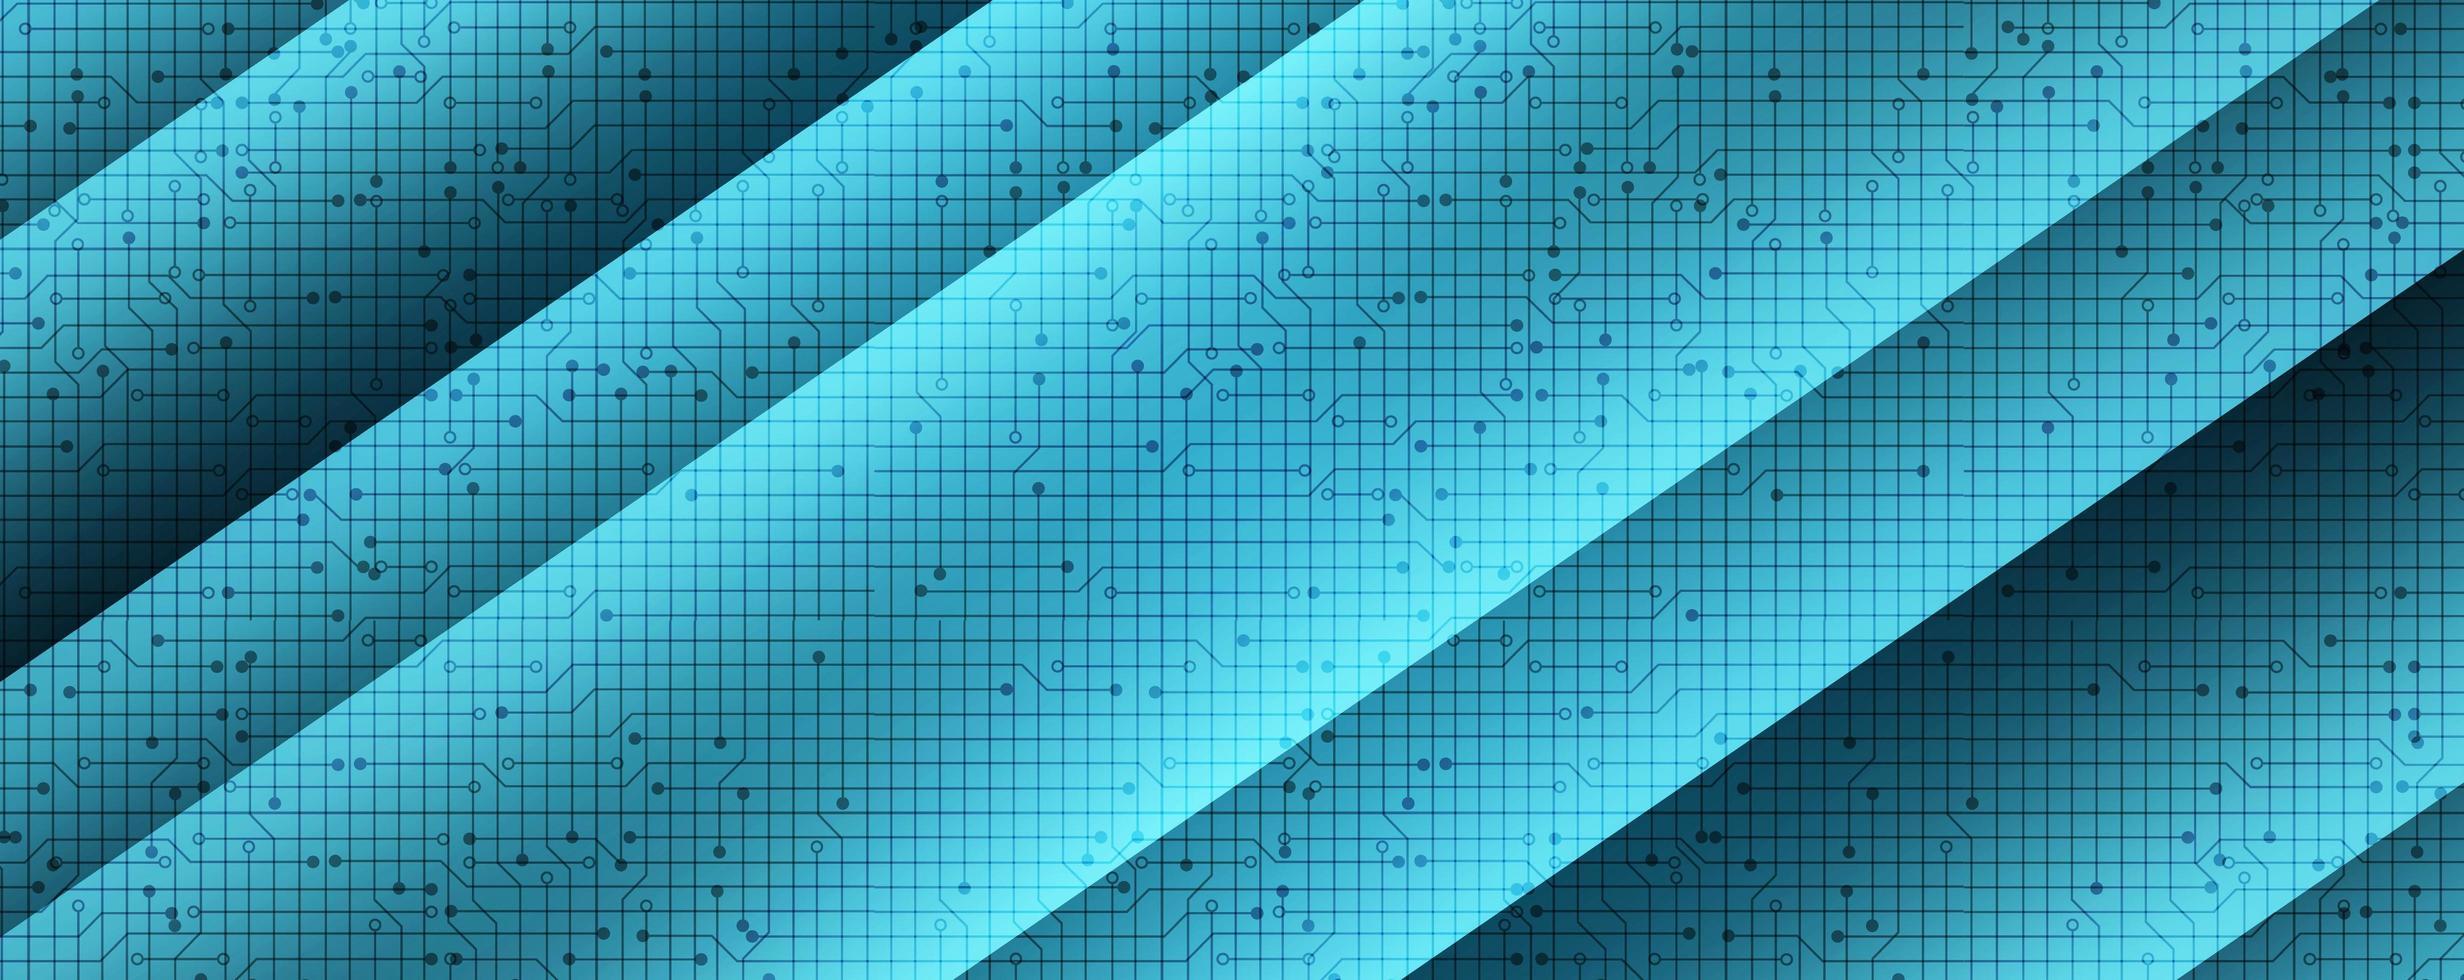 microchip circuito astratto su sfondo tecnologico, design concept hi-tech e sicurezza, spazio libero per il testo vettore